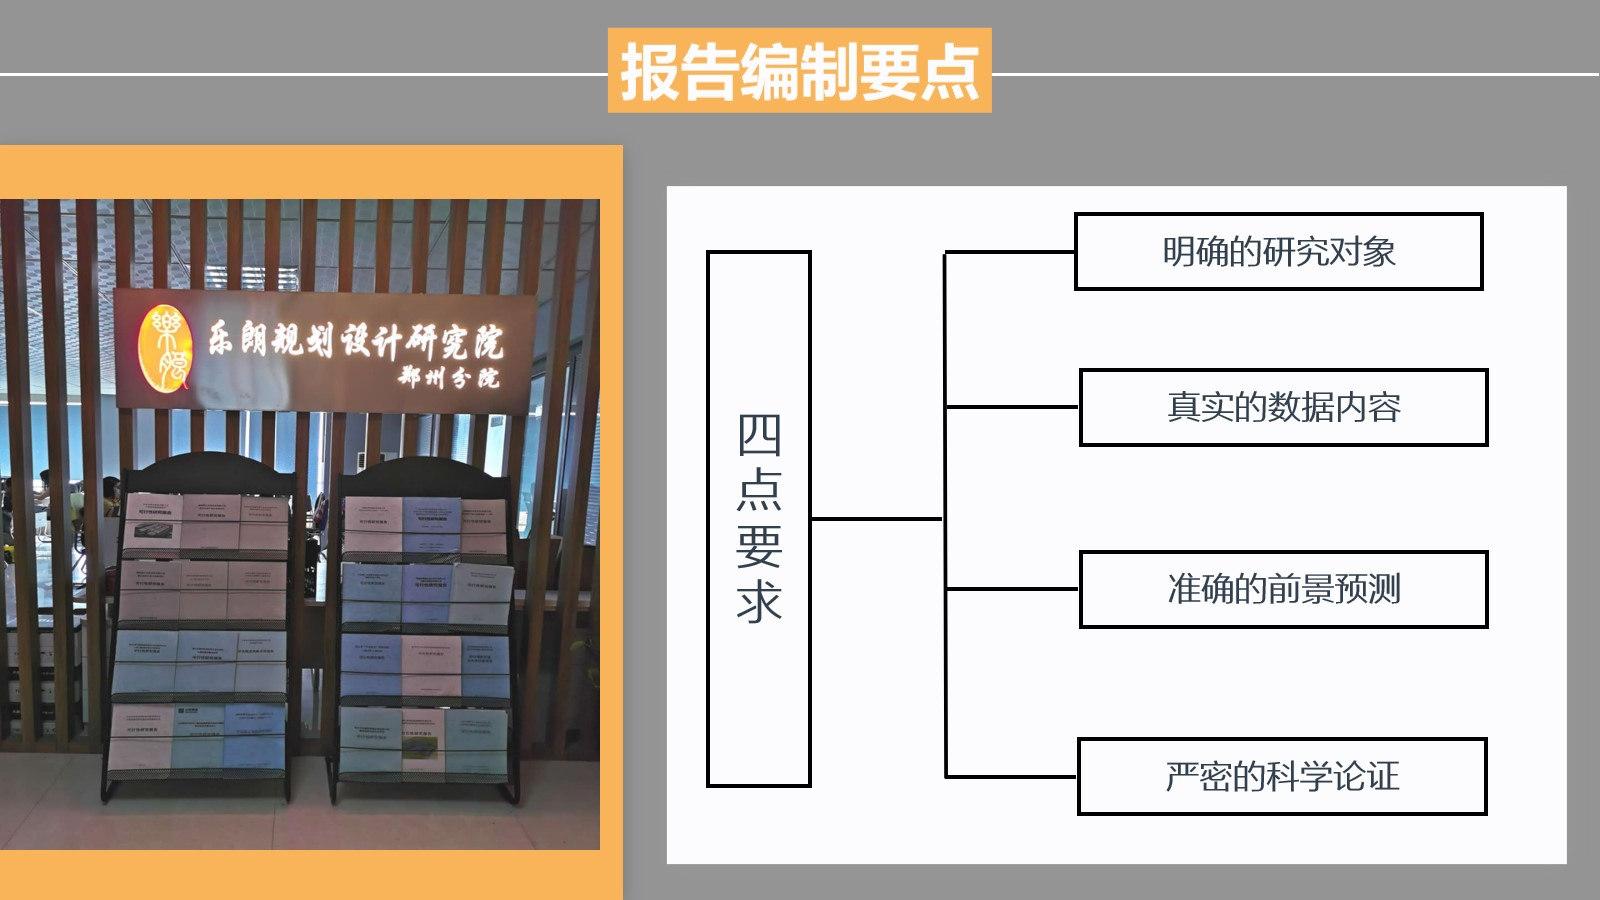 德阳做节能评估报告的公司立项